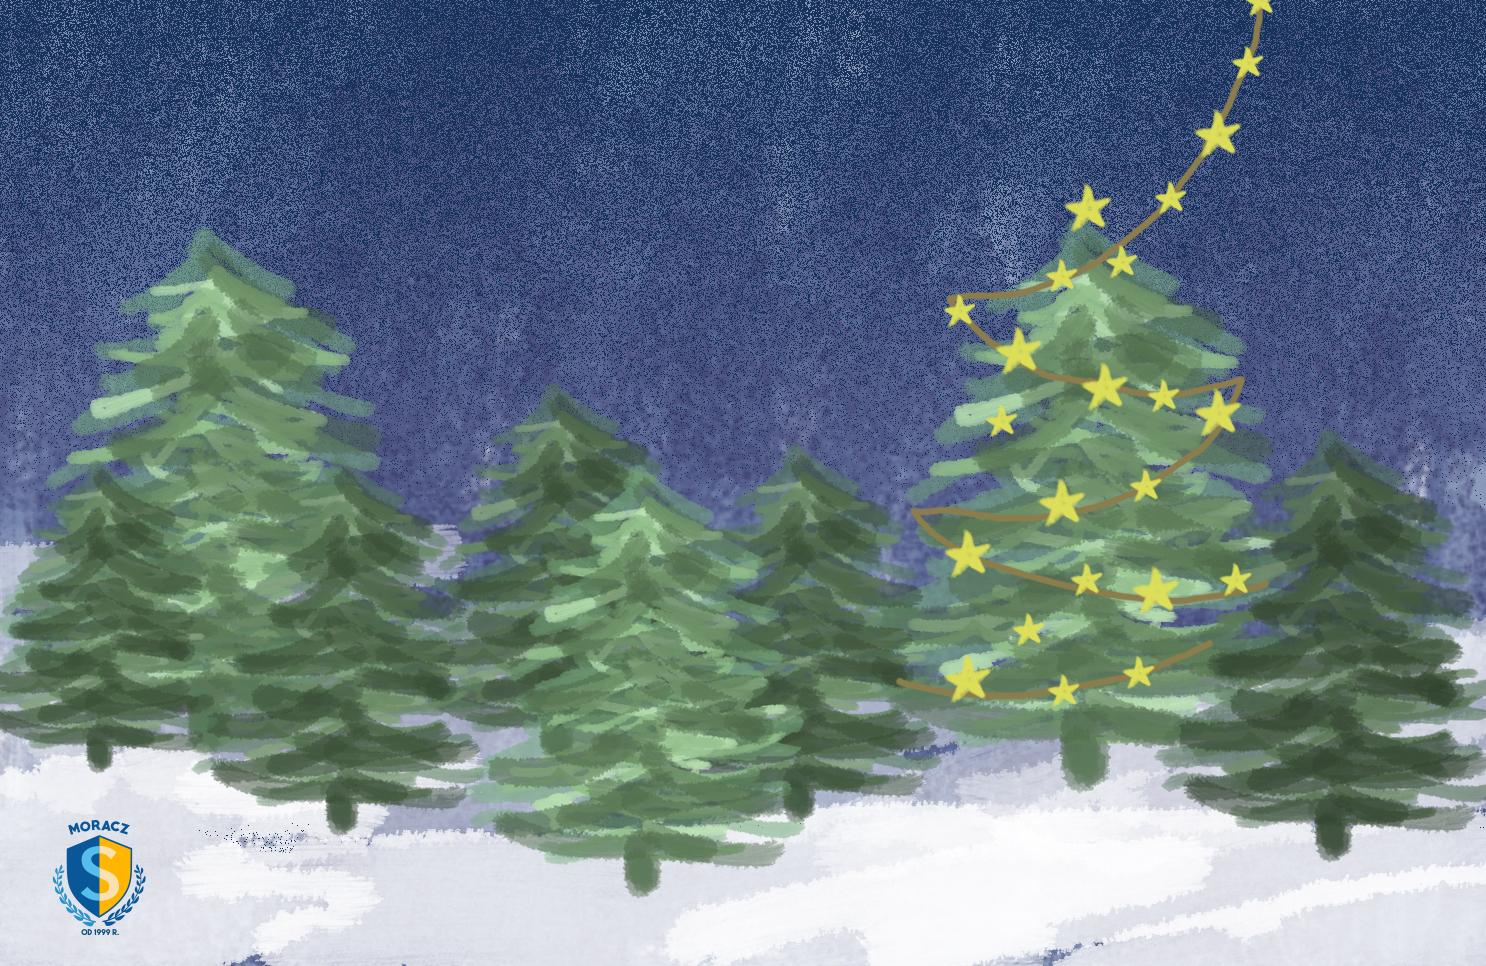 Radosnych Świąt Bożego Narodzenia 🎄 Szczęśliwego Nowego Roku 2018 :-)